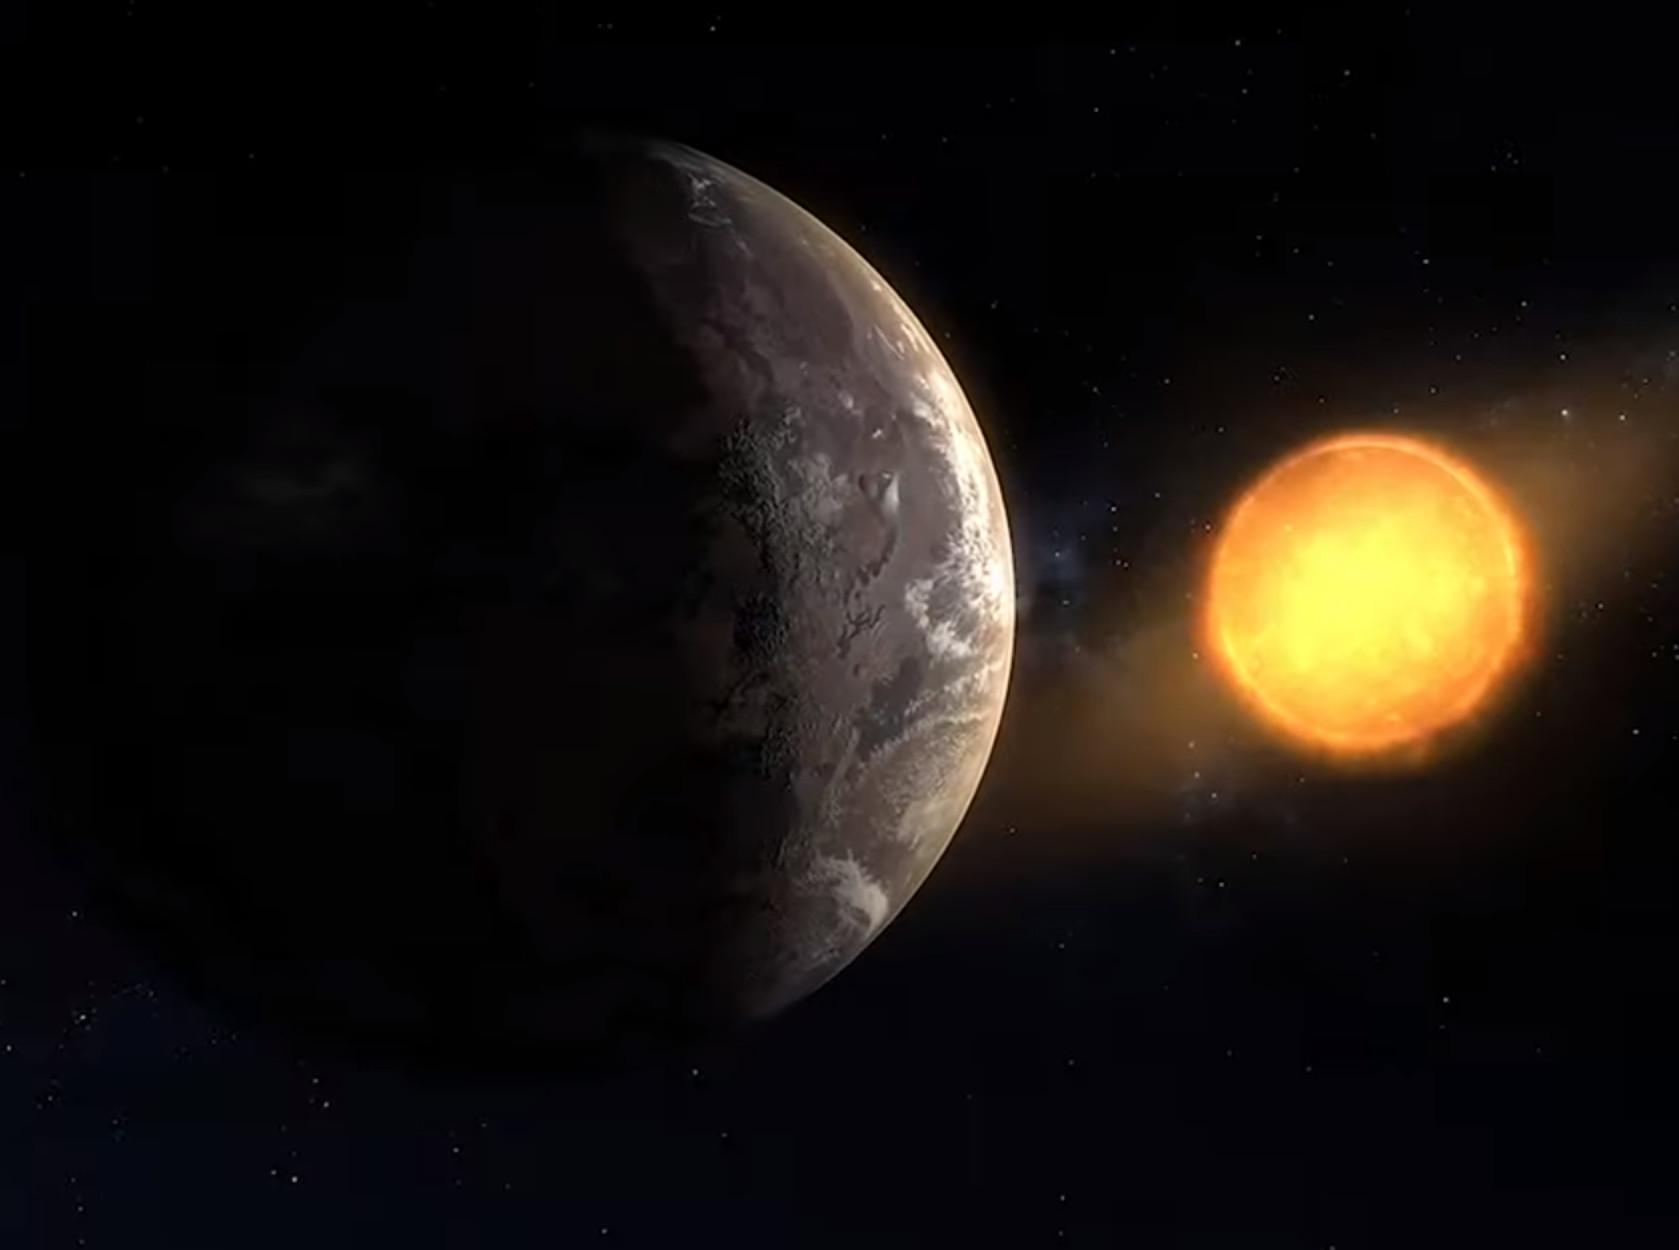 Βρέθηκε εξωπλανήτης ίδιος με την Γη!Ελπίδες για ύπαρξη ζωής (video)